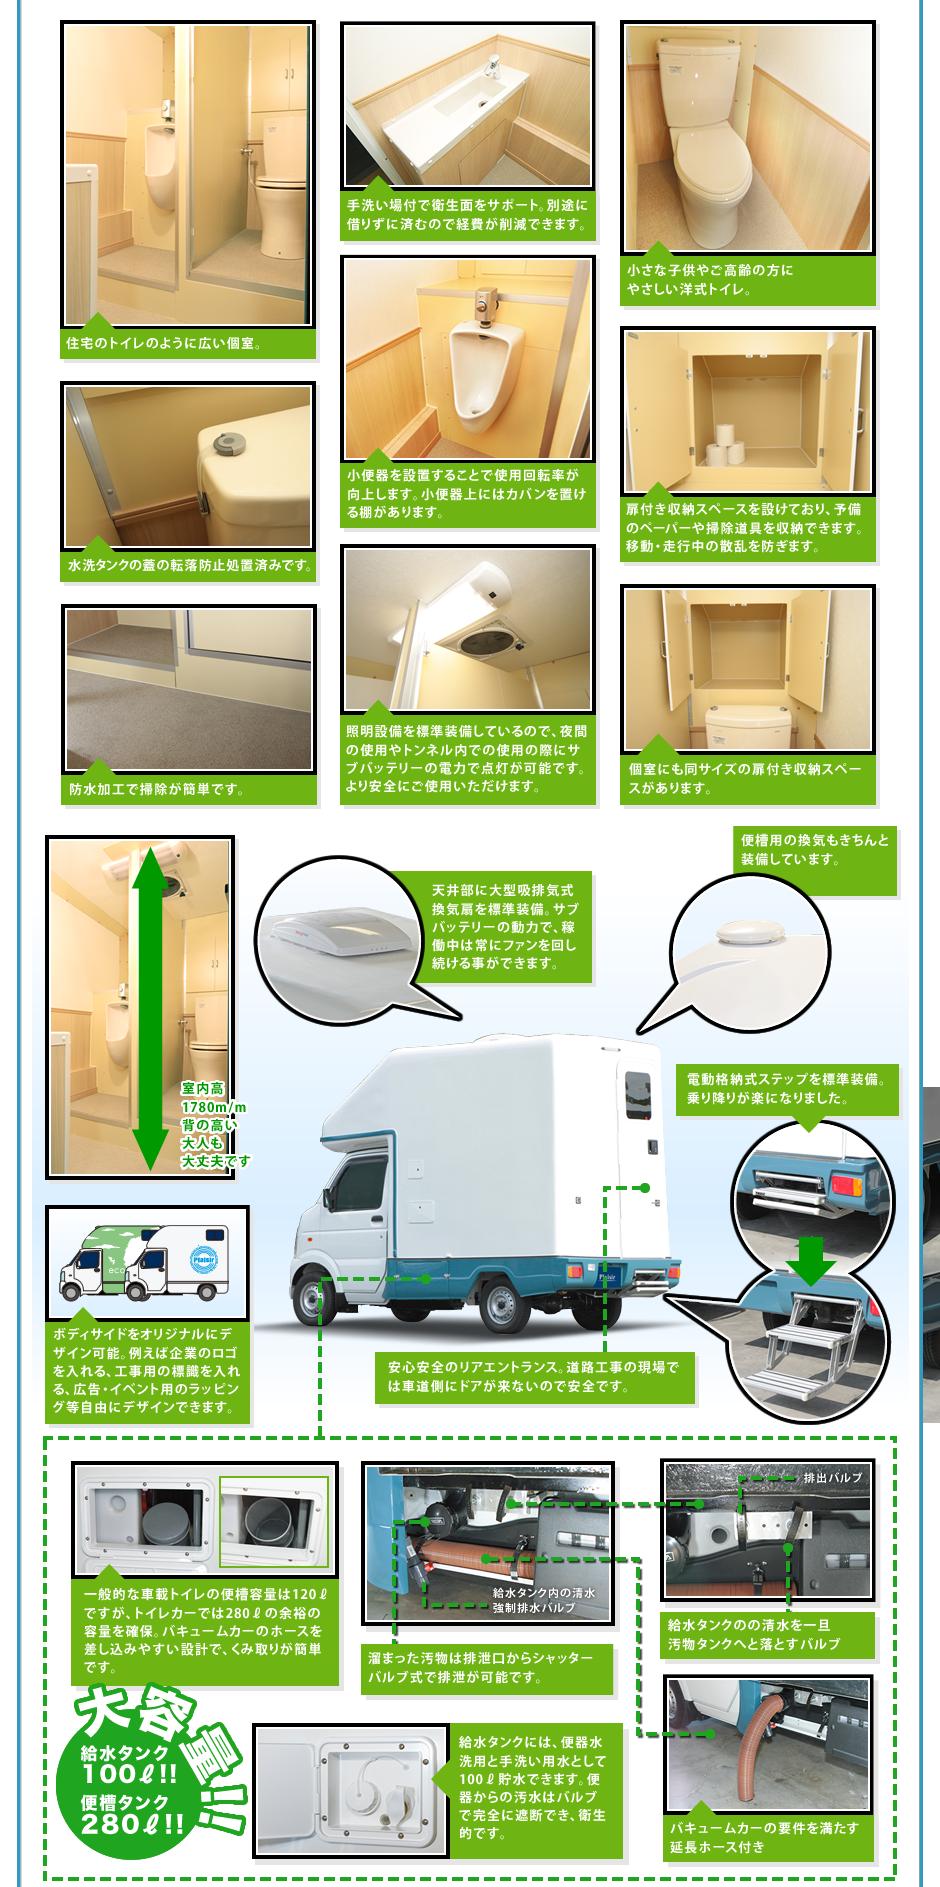 トイレカー内装紹介